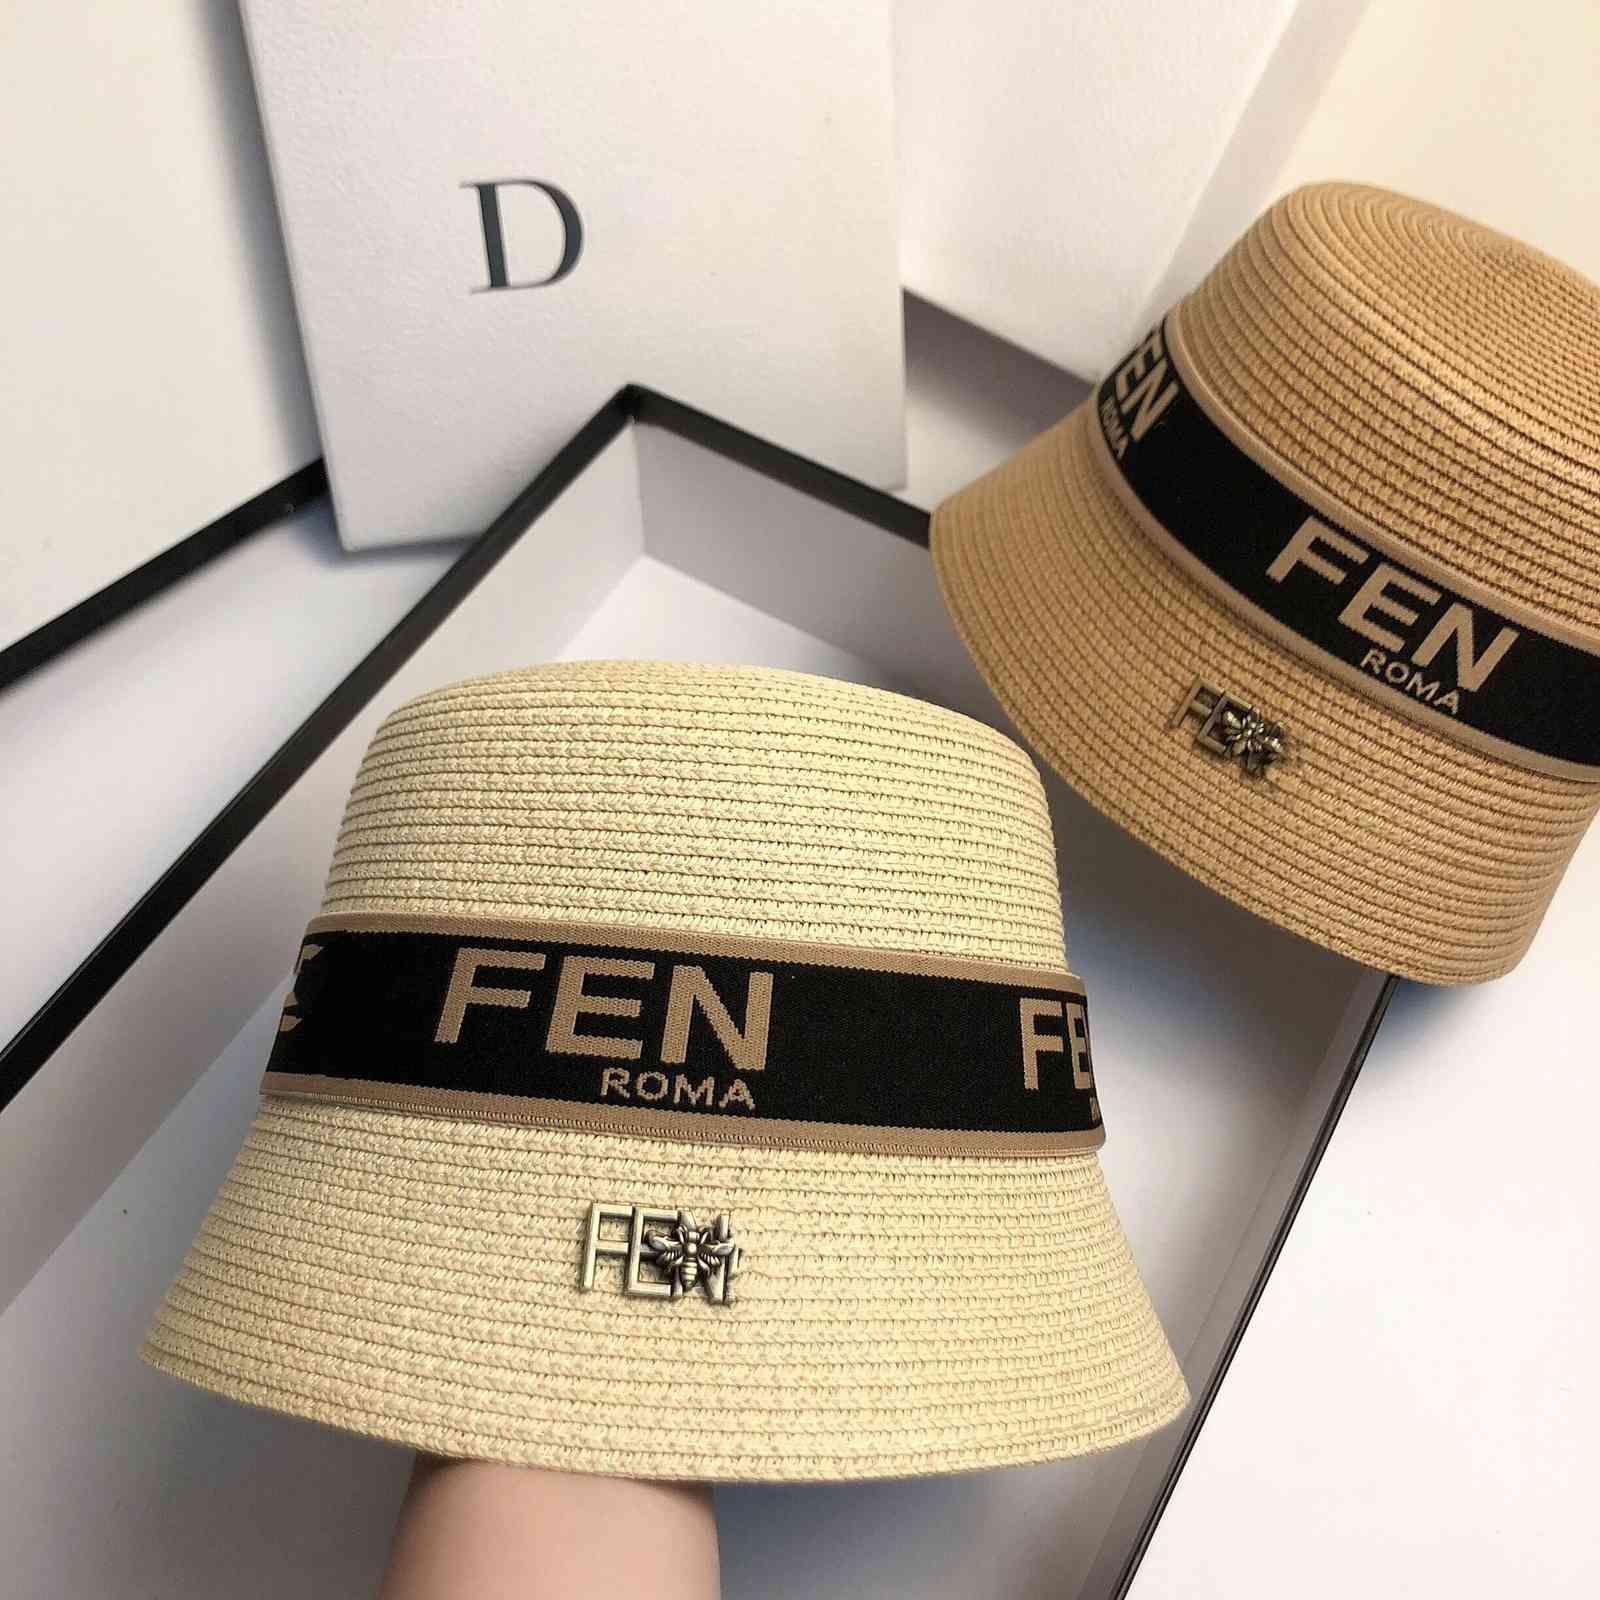 Письмо новая соломенная мода Sunshade показать лицо маленькое ведро летние путешествия солнцезащитный крем шляпа прилив